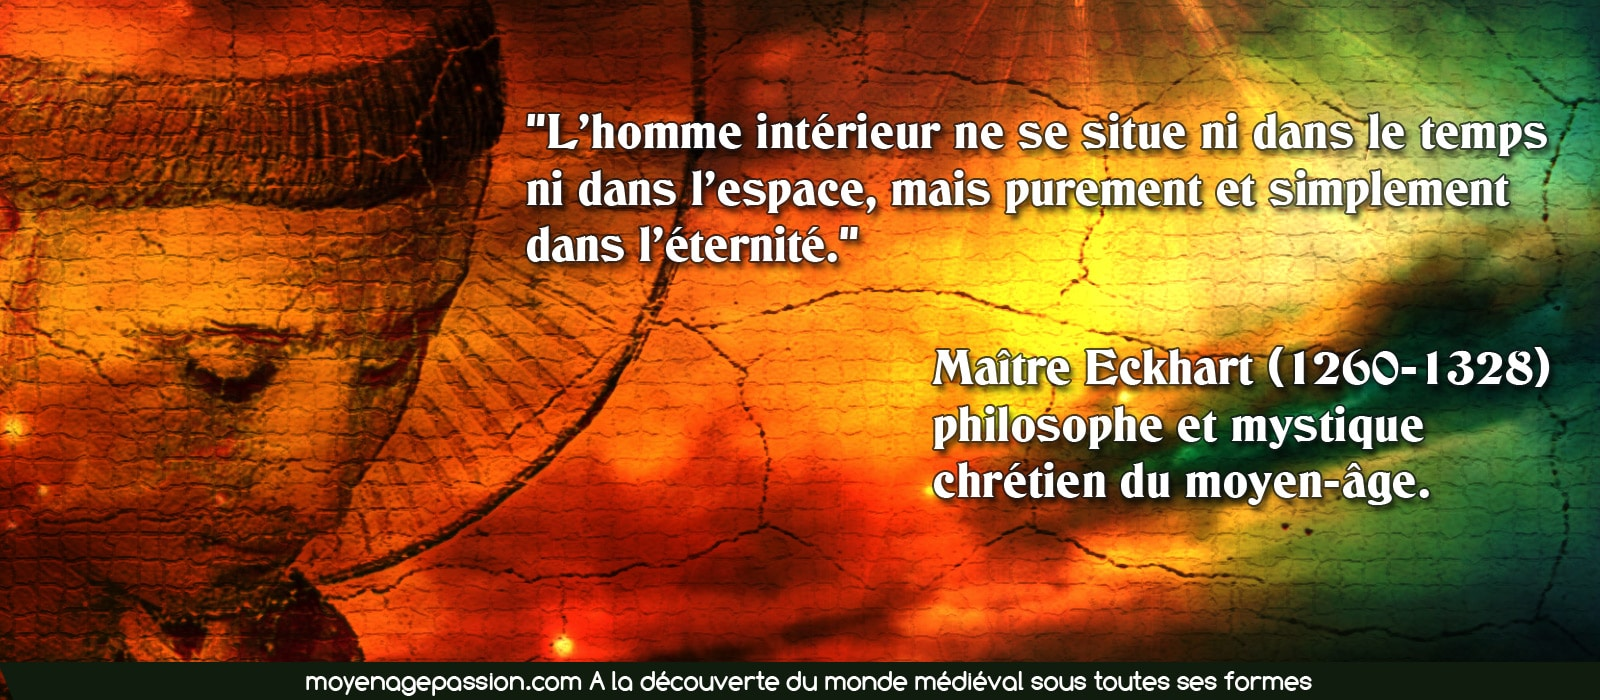 citations_medievale_chretienne_maitre_eckhart_moyen-age_mystique